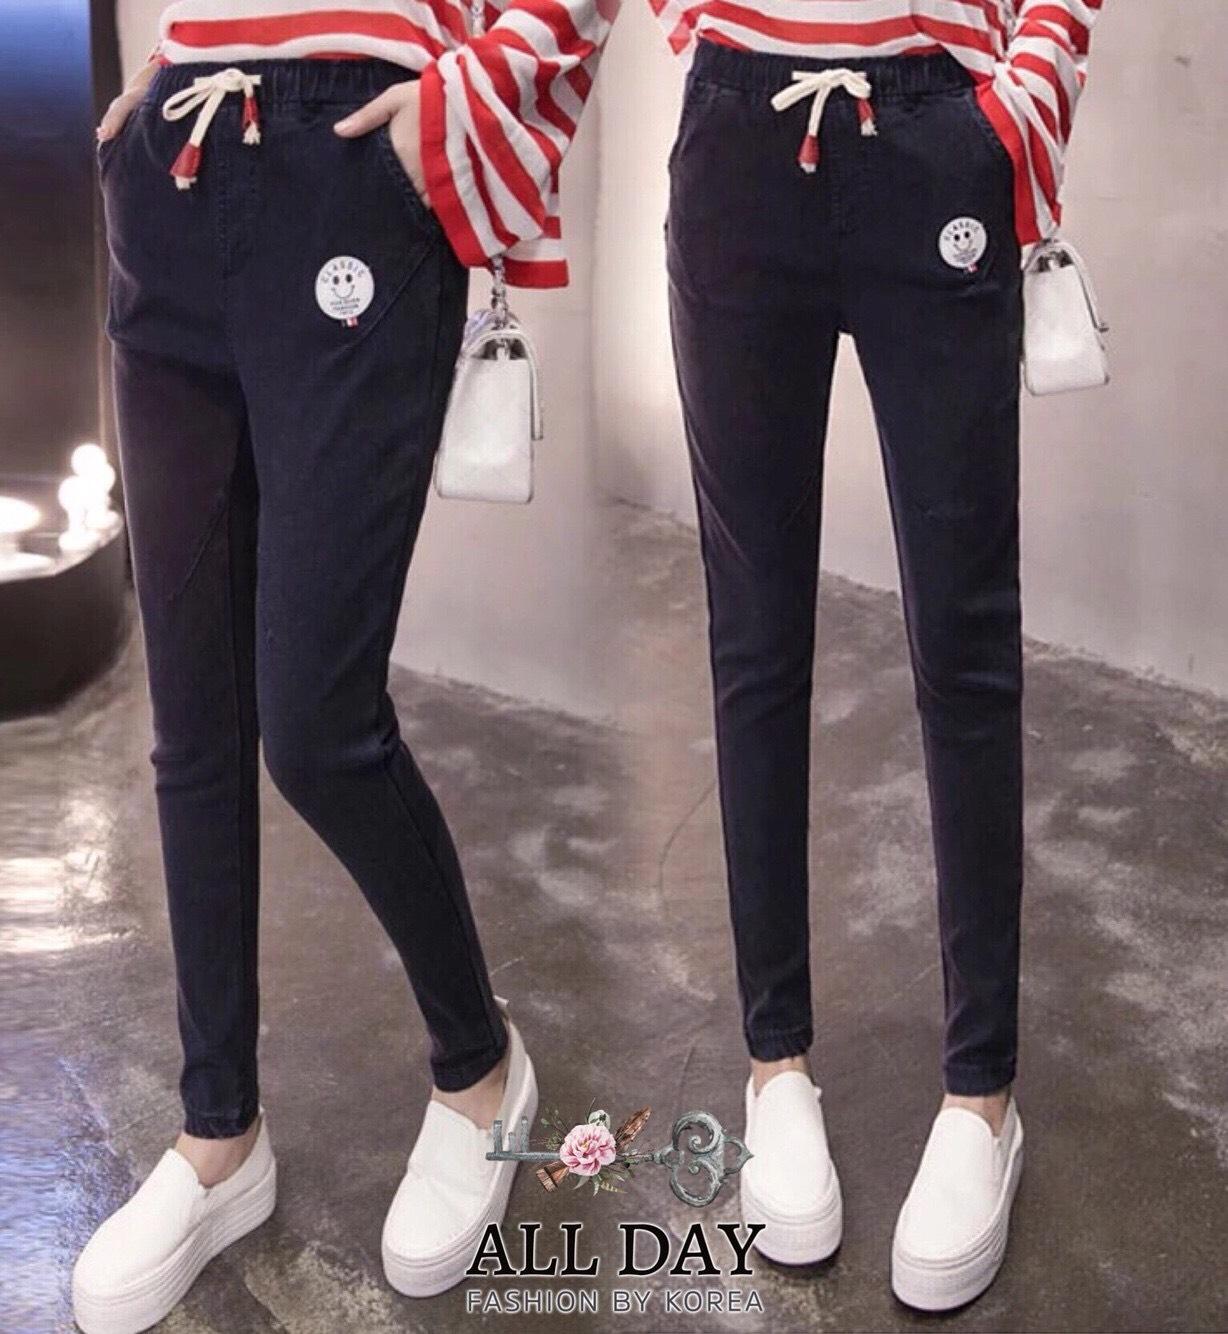 กางเกงแฟชั่น กางเกงผ้า spandex สีบลูยีนส์ ผ้าเนื้อนิ่มยืดหยุ่นดีค่ะใส่สบายมาก